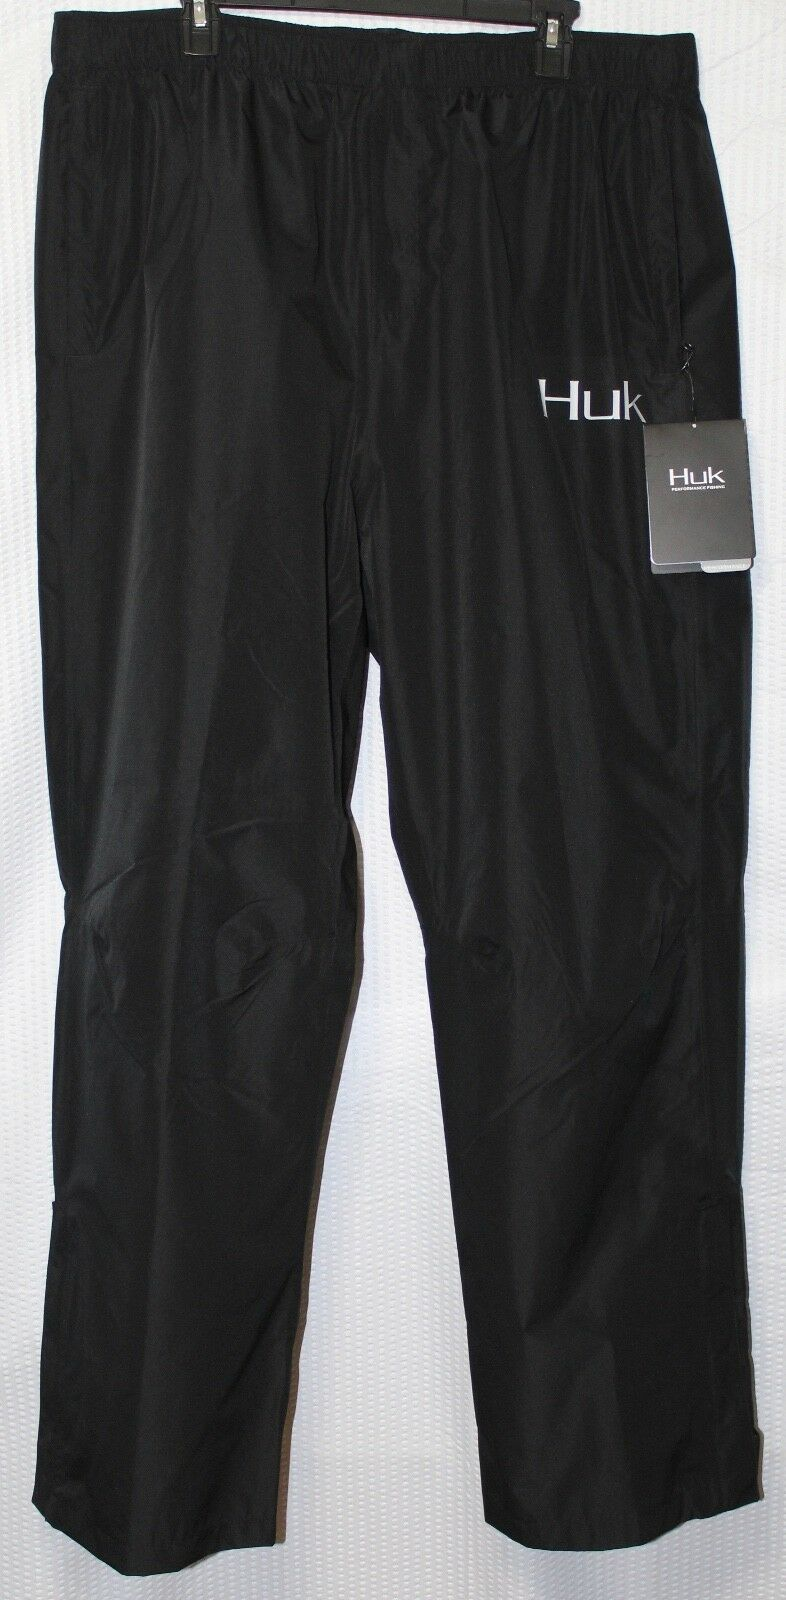 Huk Empacable Lluvia  Pantalones, Hombres Tamaño 2XL, H4000016  gran selección y entrega rápida